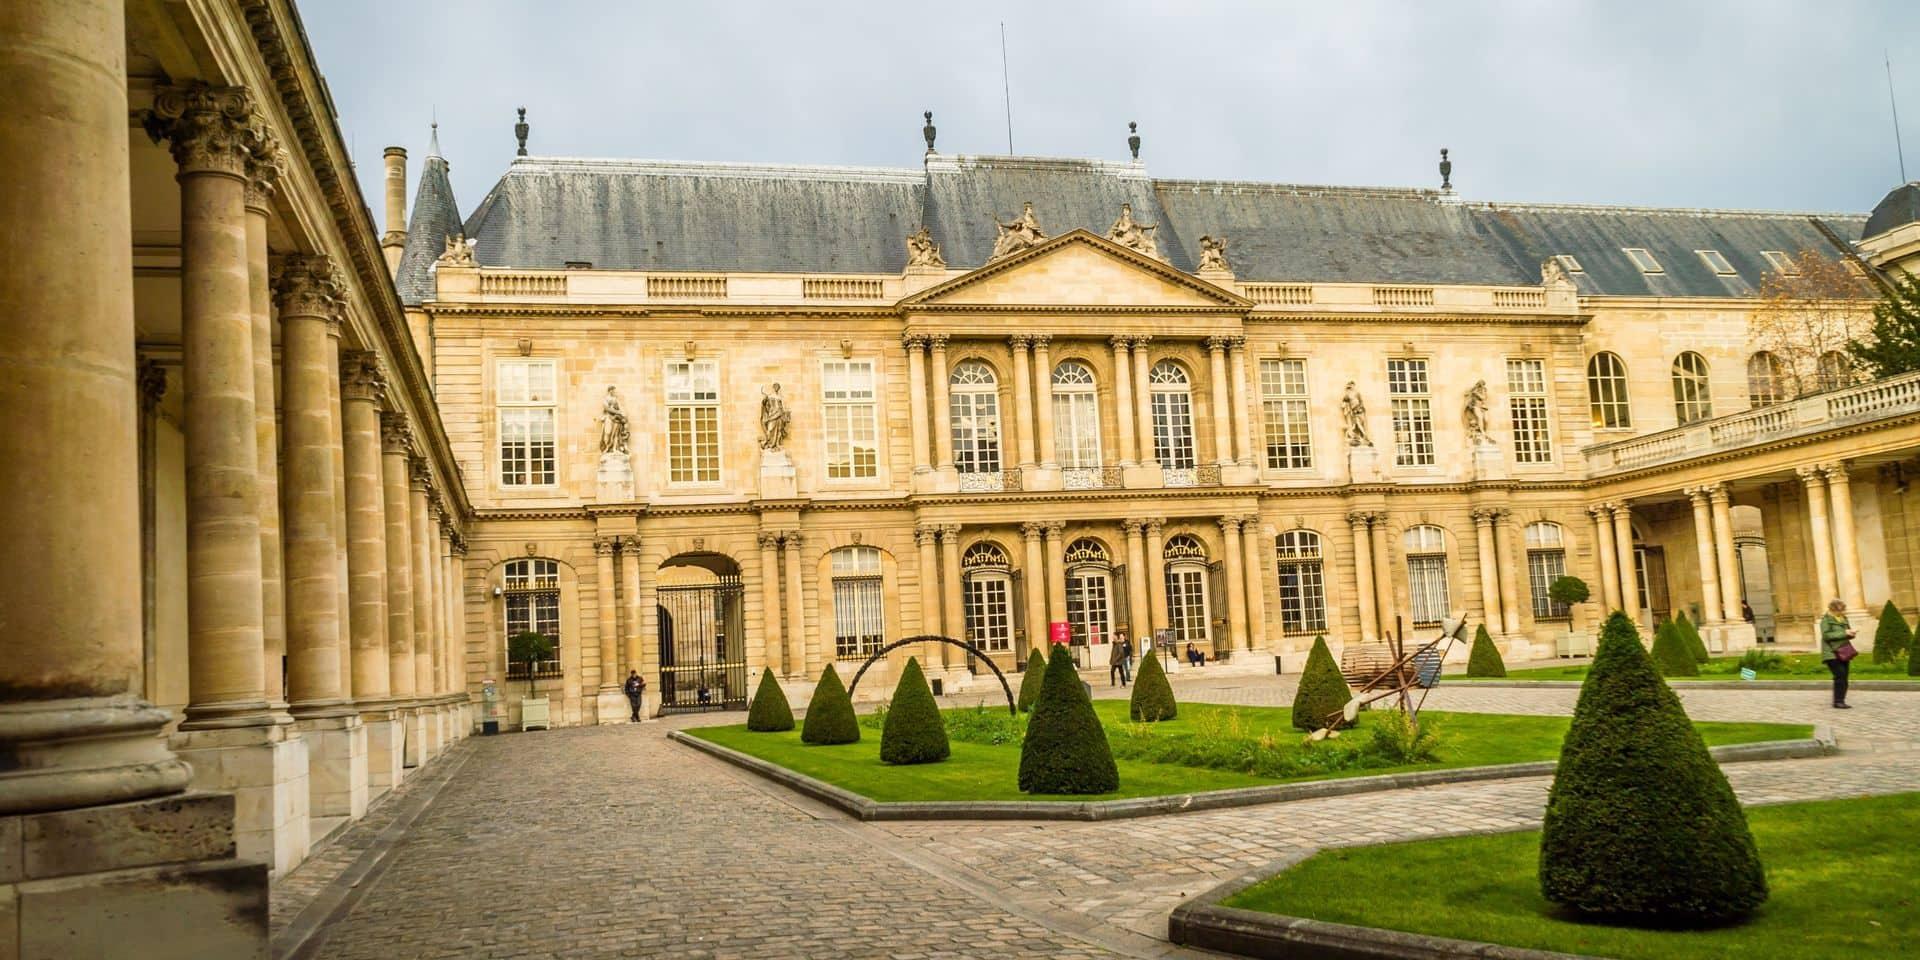 """""""Stupidité"""", """"catastrophe culturelle en cours""""... Un musée parisien transforme Louis XIV en Louis 14 et s'attire les foudres de l'Italie"""